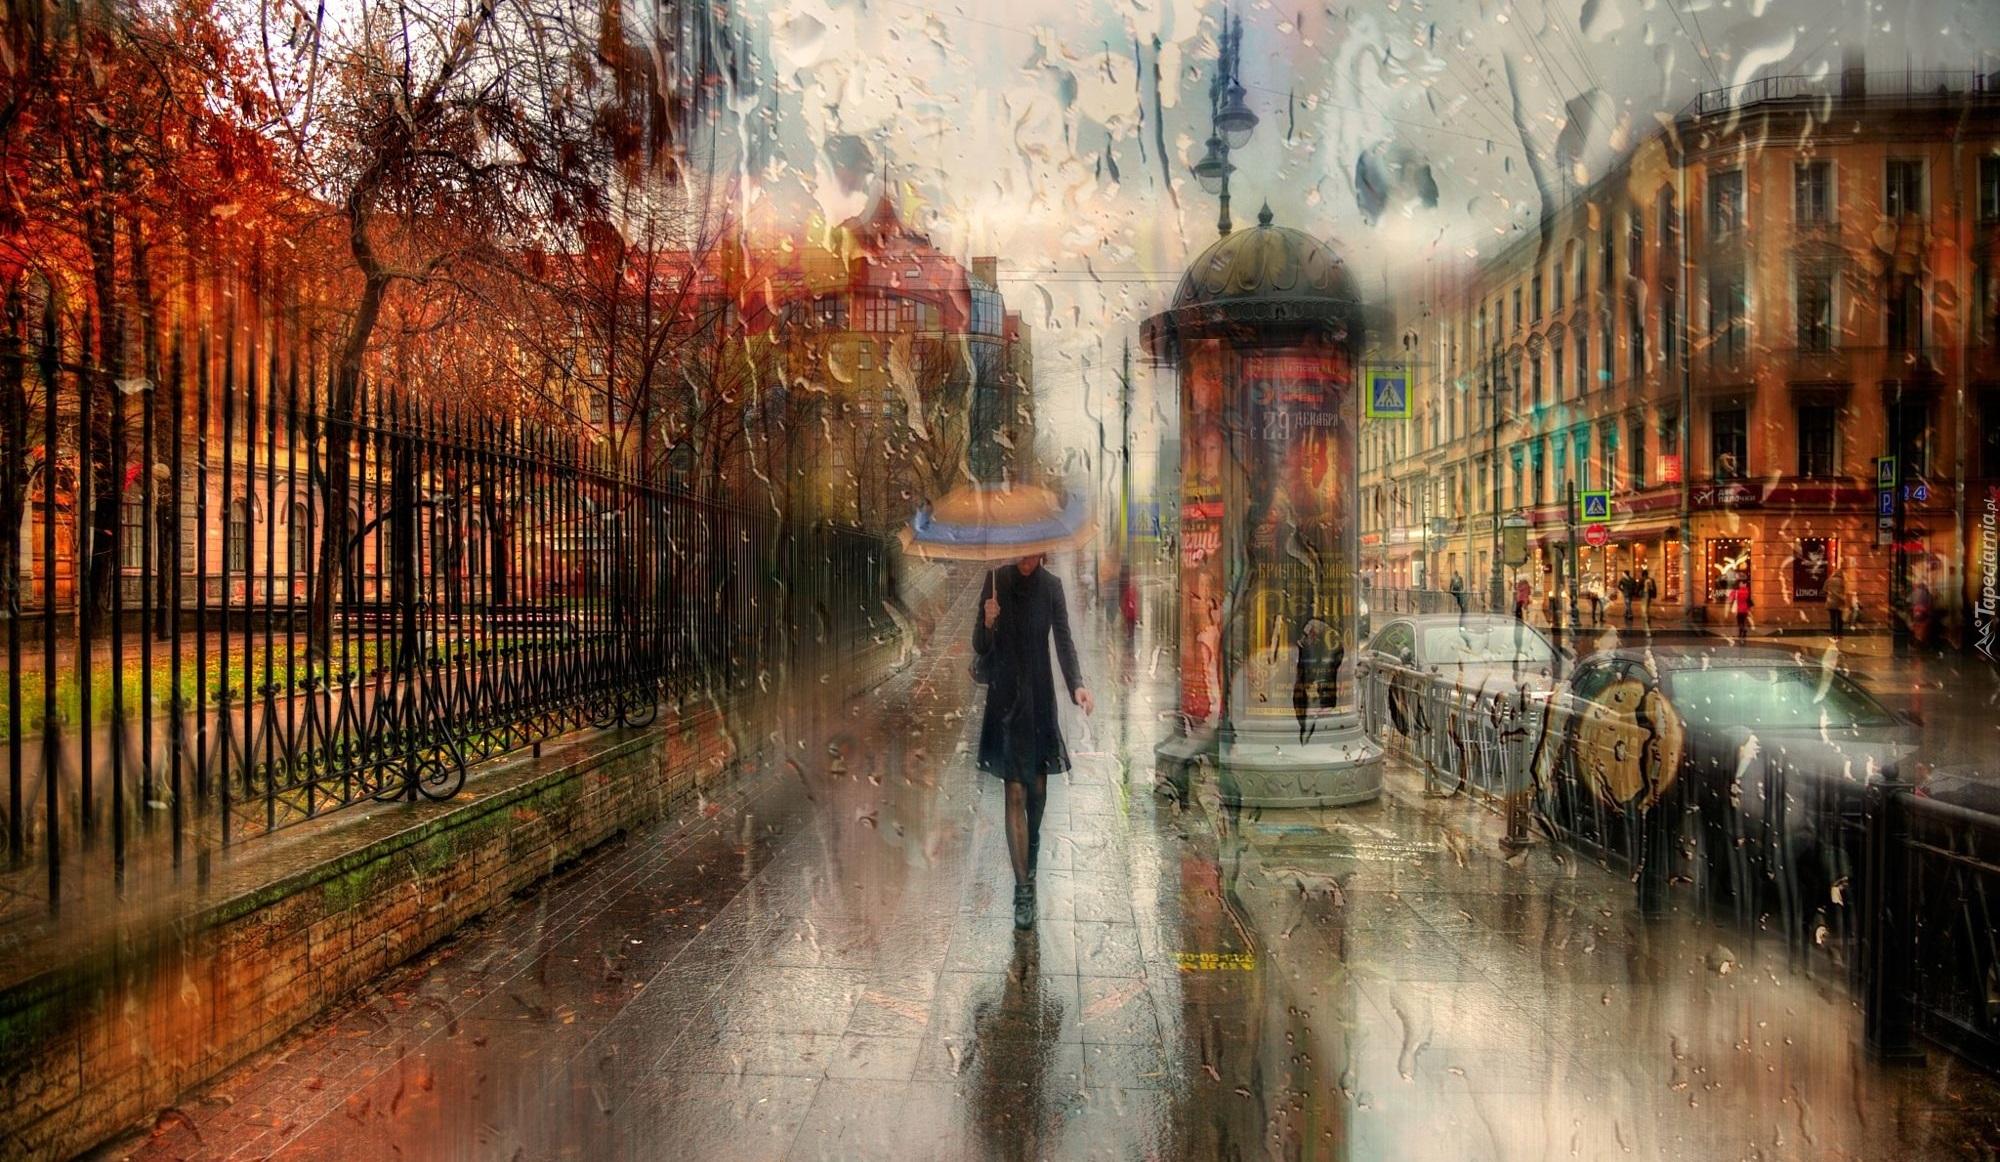 tapeta-kobieta-z-parasolem-na-ulicy-sankt-petrrsburga-w-deszczu.jpg